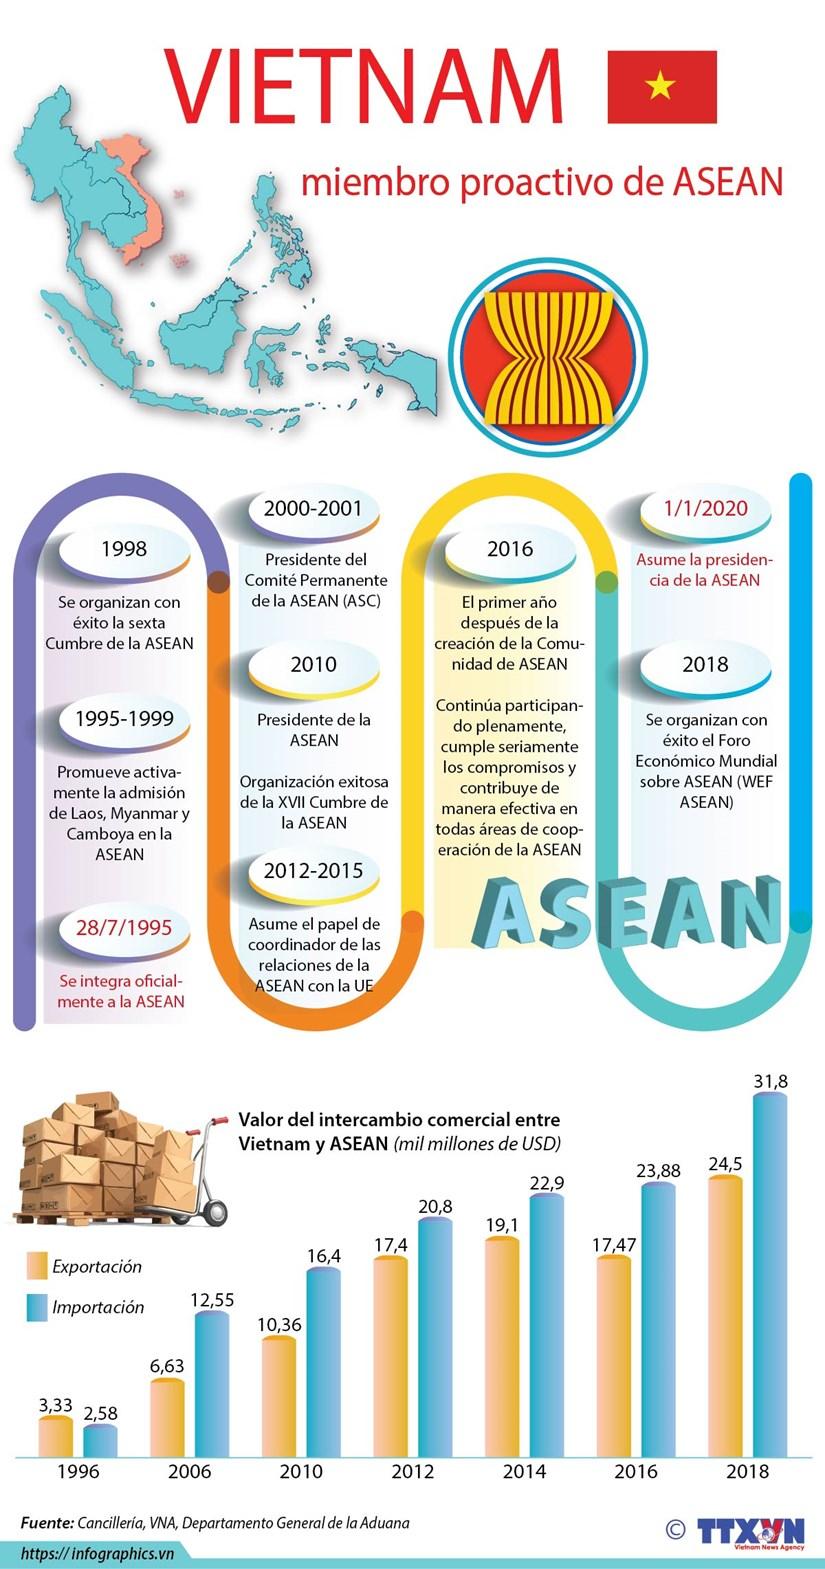 [Info] Vietnam, miembro proactivo de ASEAN hinh anh 1